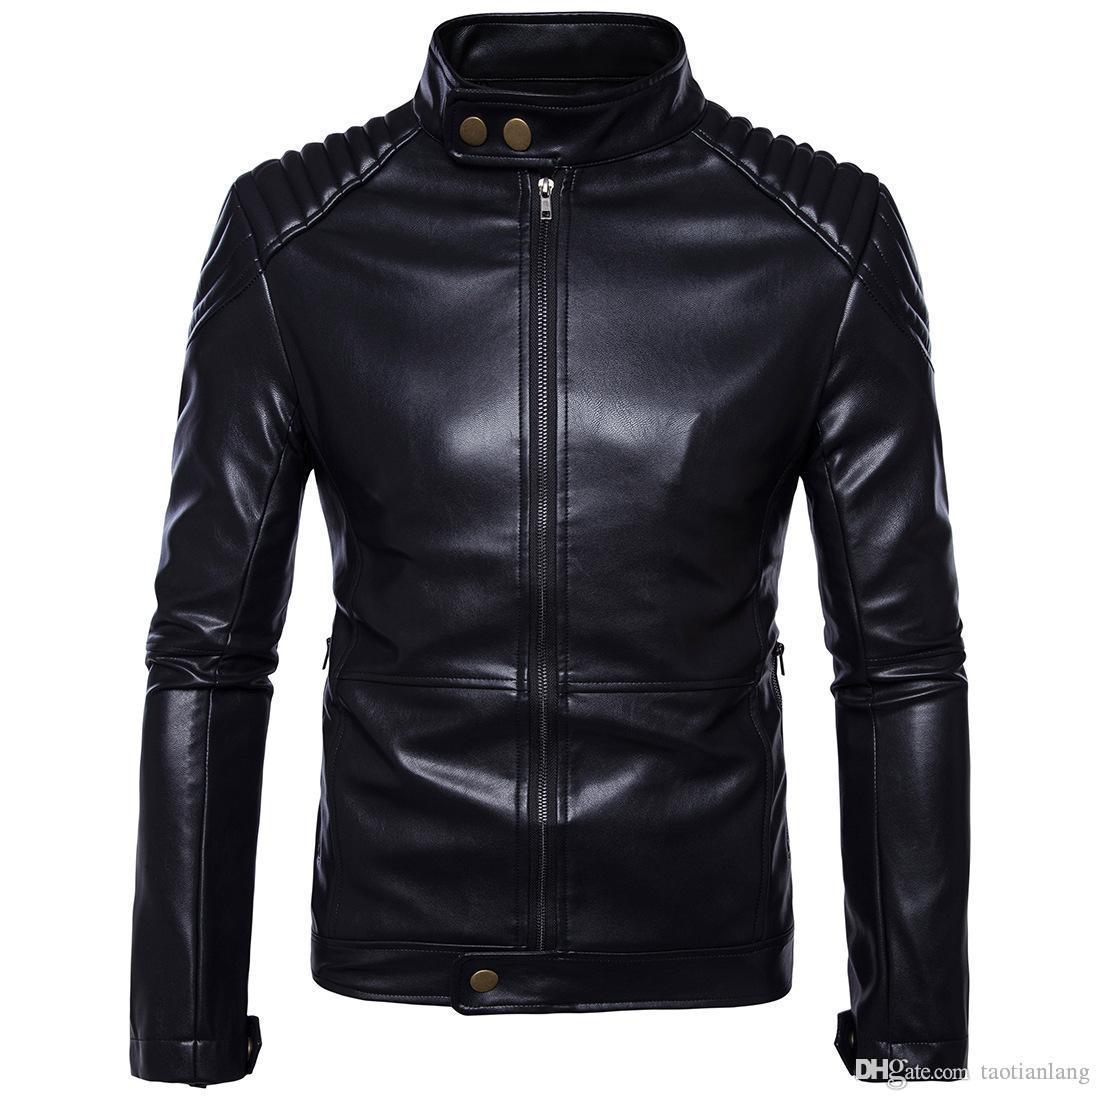 Поддельный Кожаные куртки Плюс Размер Стенд Воротник Дикий мужчина осень мытый куртка для мужчин Повседневная Прохладный Мужчины мотоциклов куртки шинелей J170701